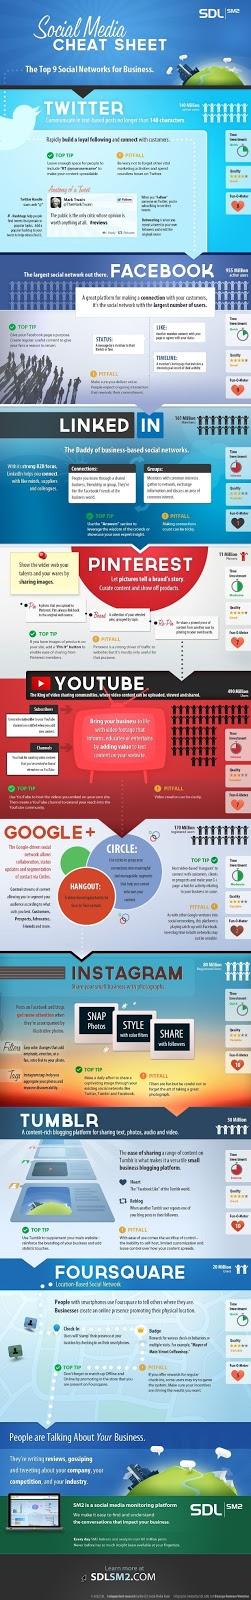 ¿Qué redes sociales son mejores para los negocios?